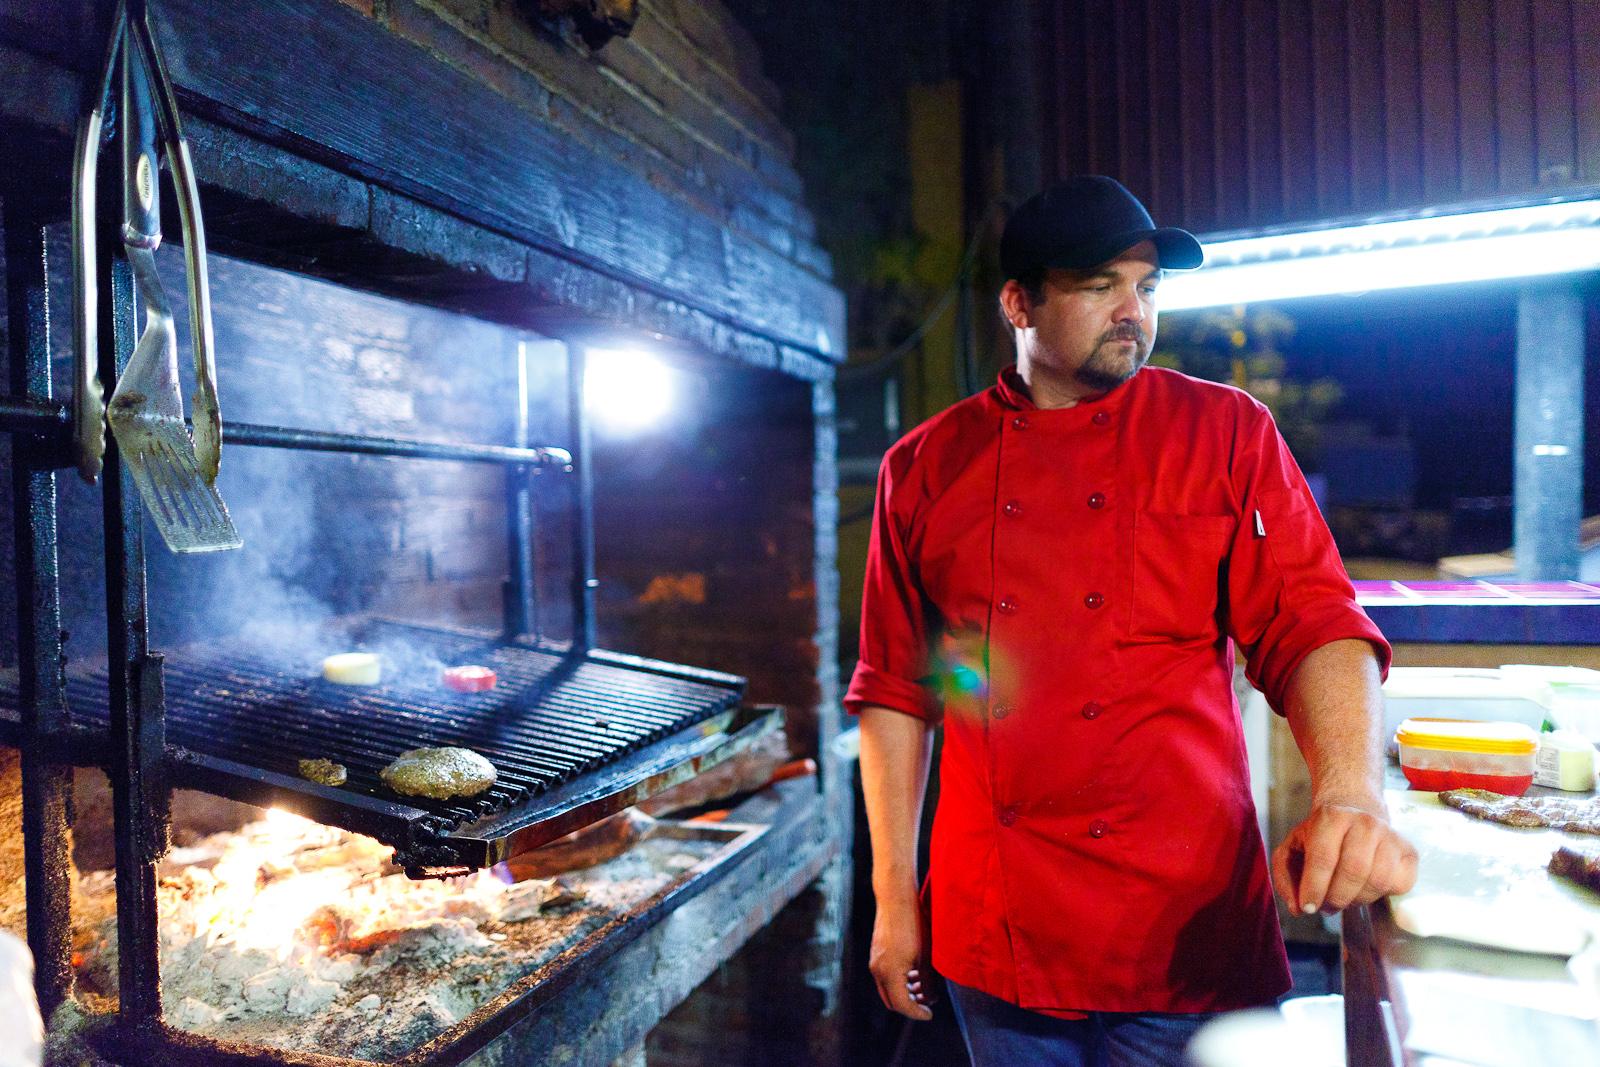 Tomate y provoleta en la parilla (tomato and provolone cheese on the grill)